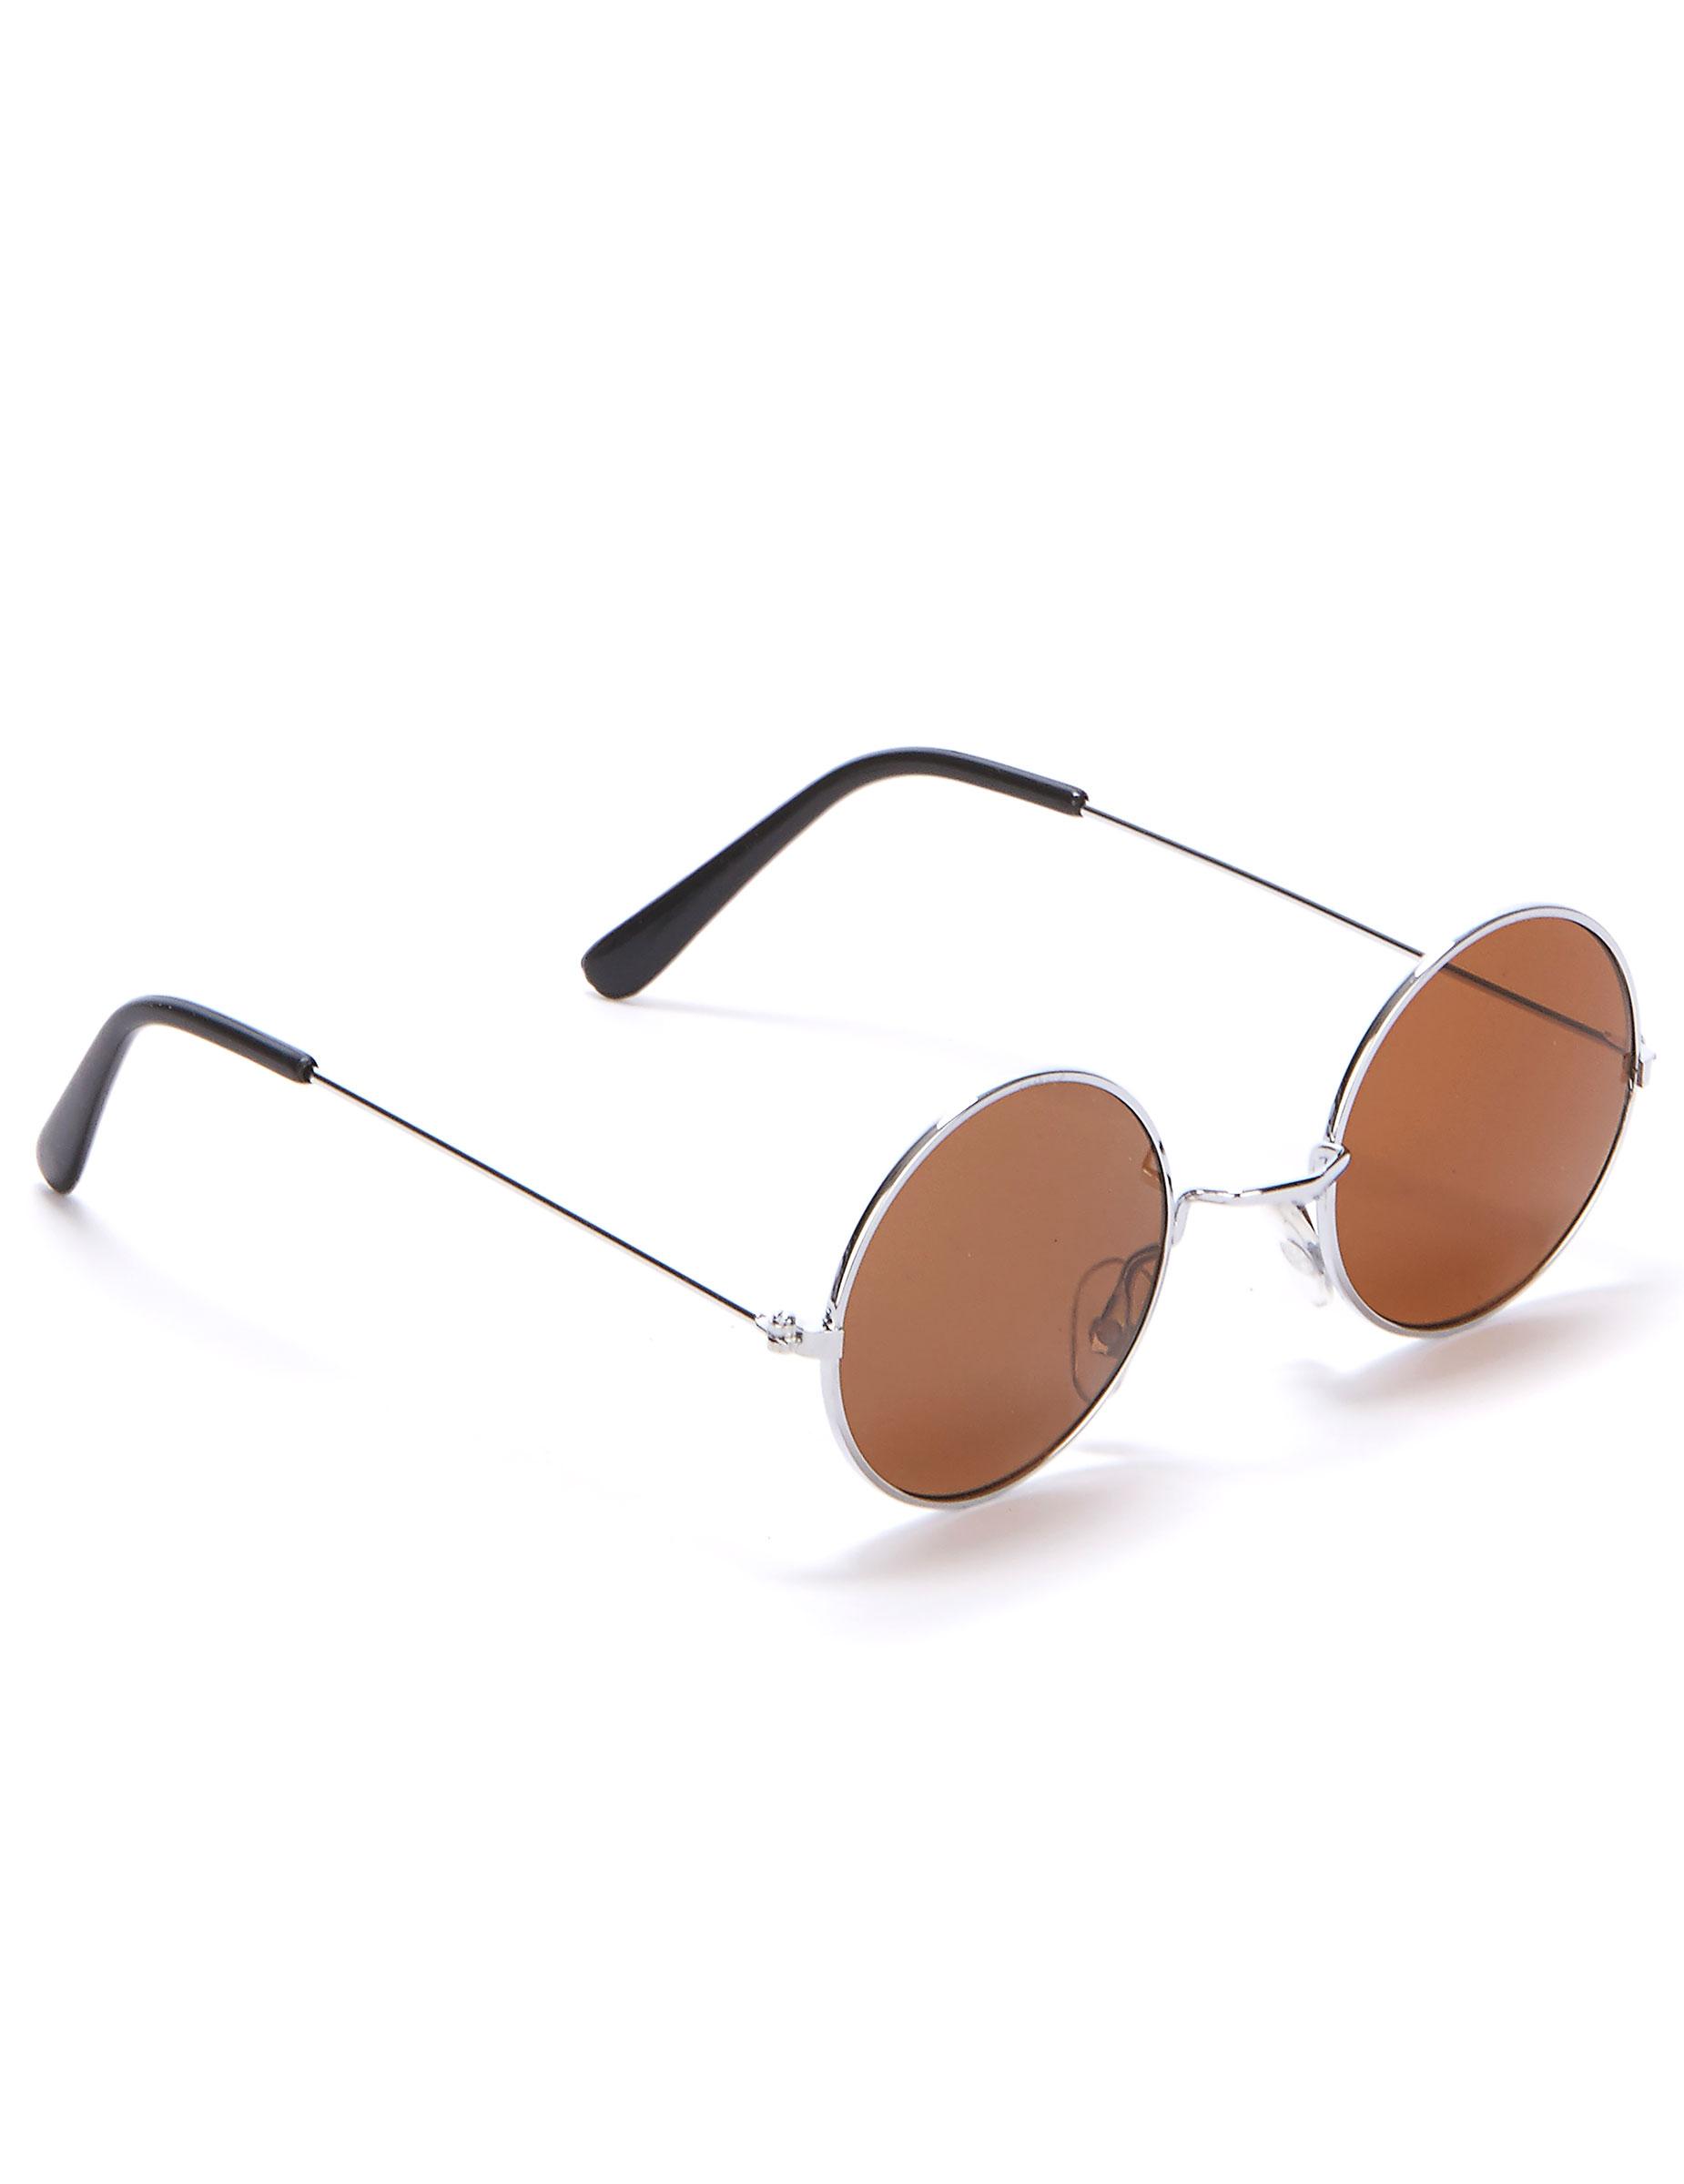 Lunettes rondes de hippie adulte achat de accessoires sur for Cuisinier lunettes rondes